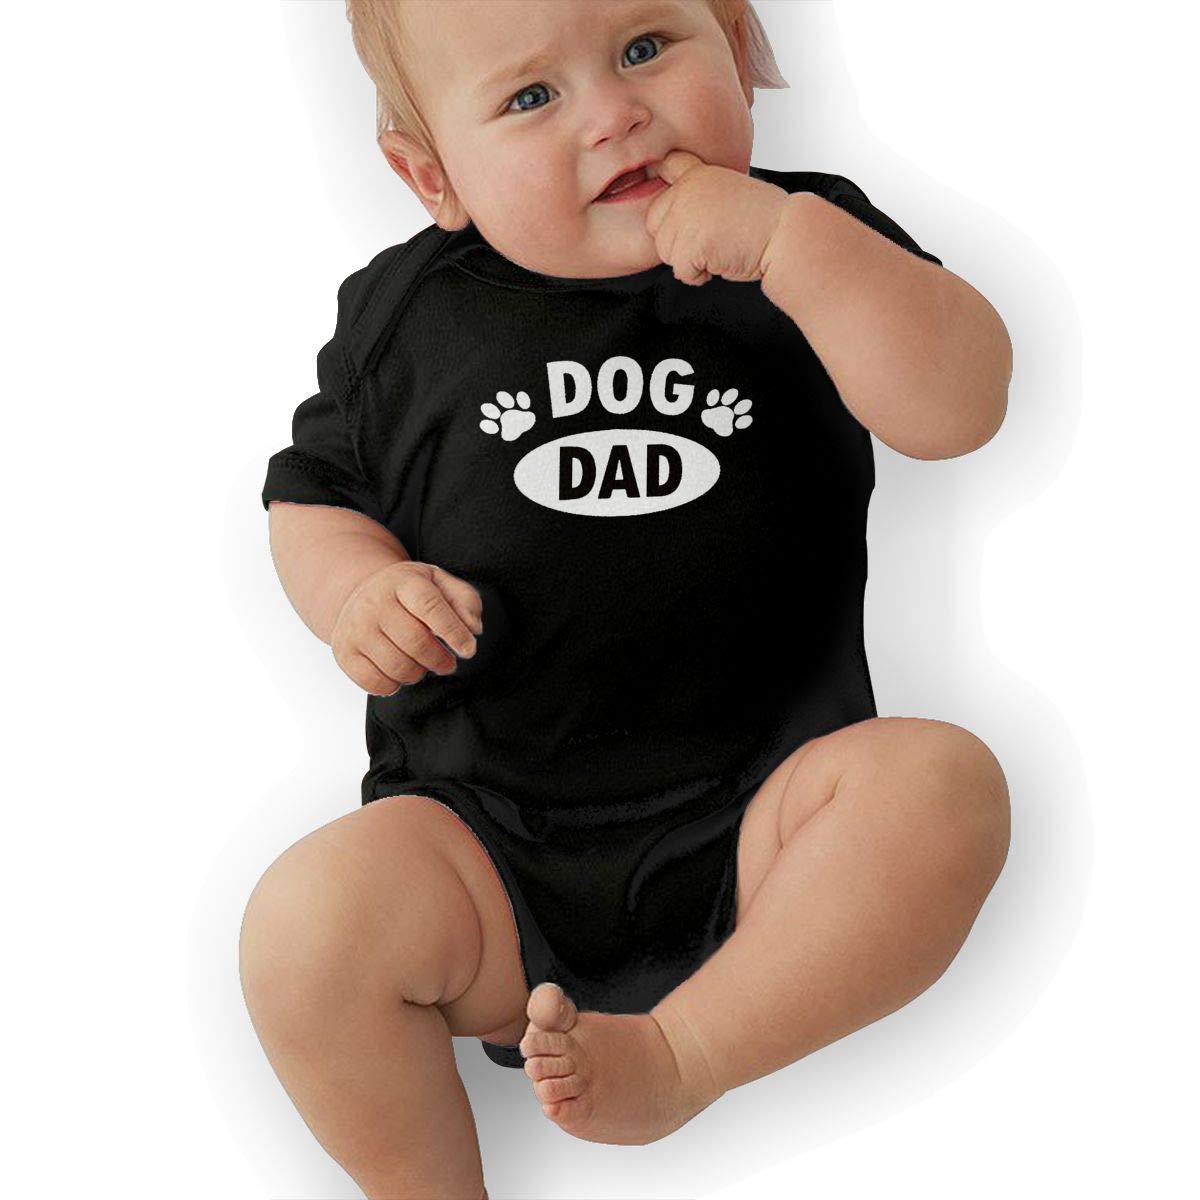 Pot Leaf Weed Hip Hop Newborn Baby Short Sleeve Bodysuit Romper Infant Summer Clothing